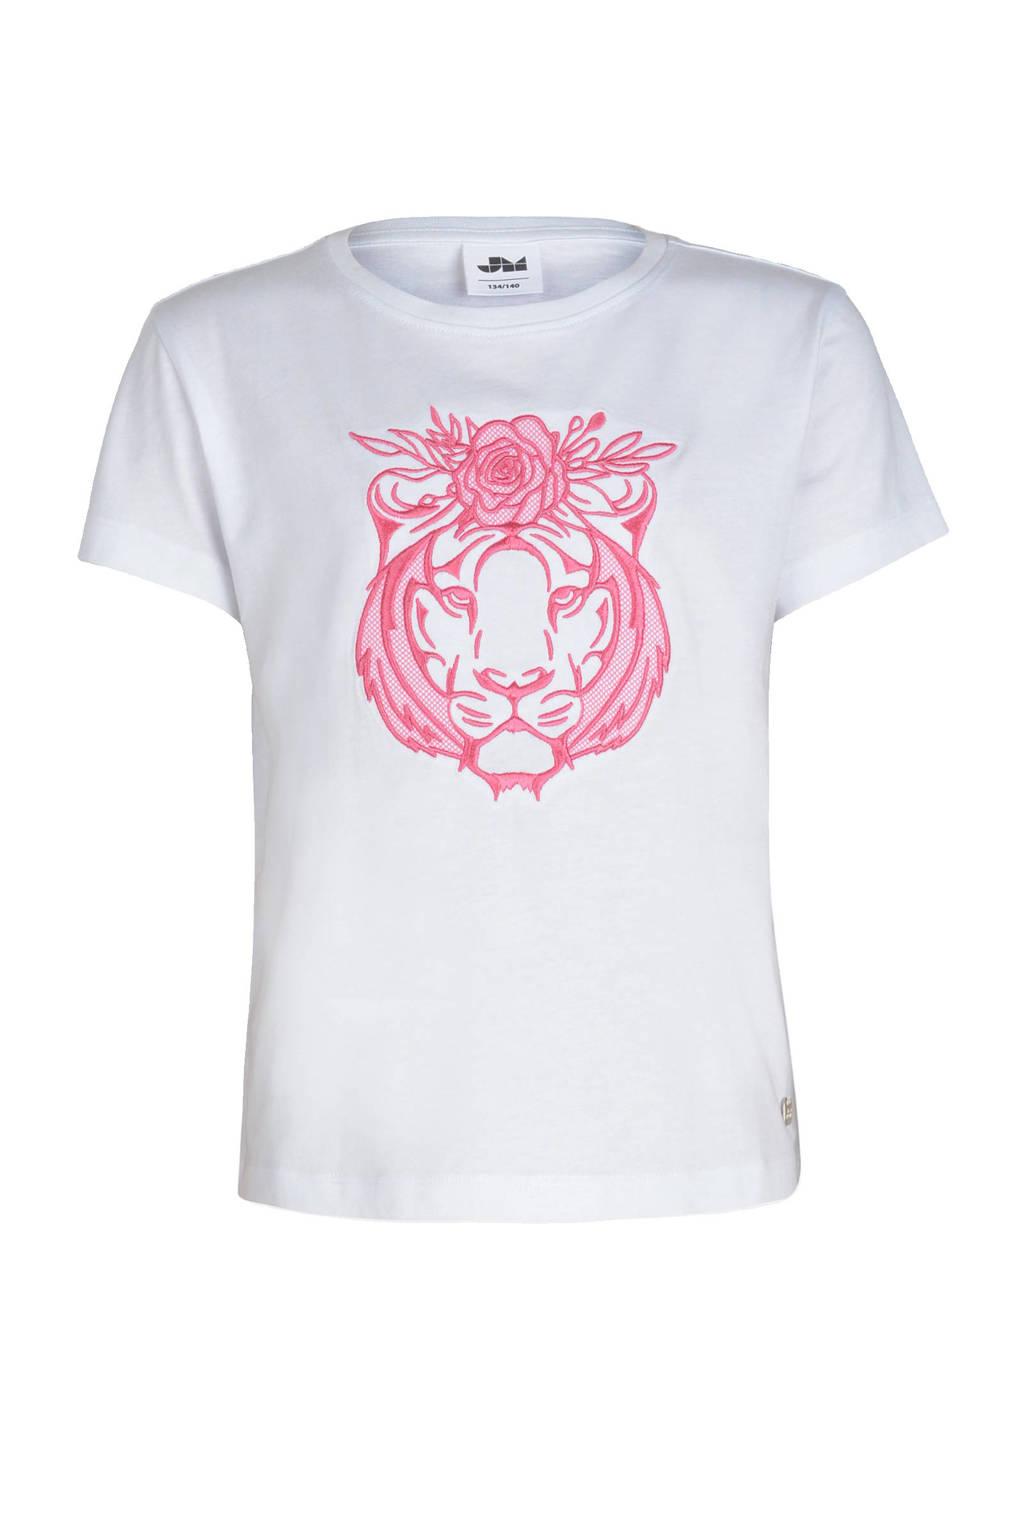 Jill & Mitch by Shoeby T-shirt met dierenprint wit/roze, Wit/roze